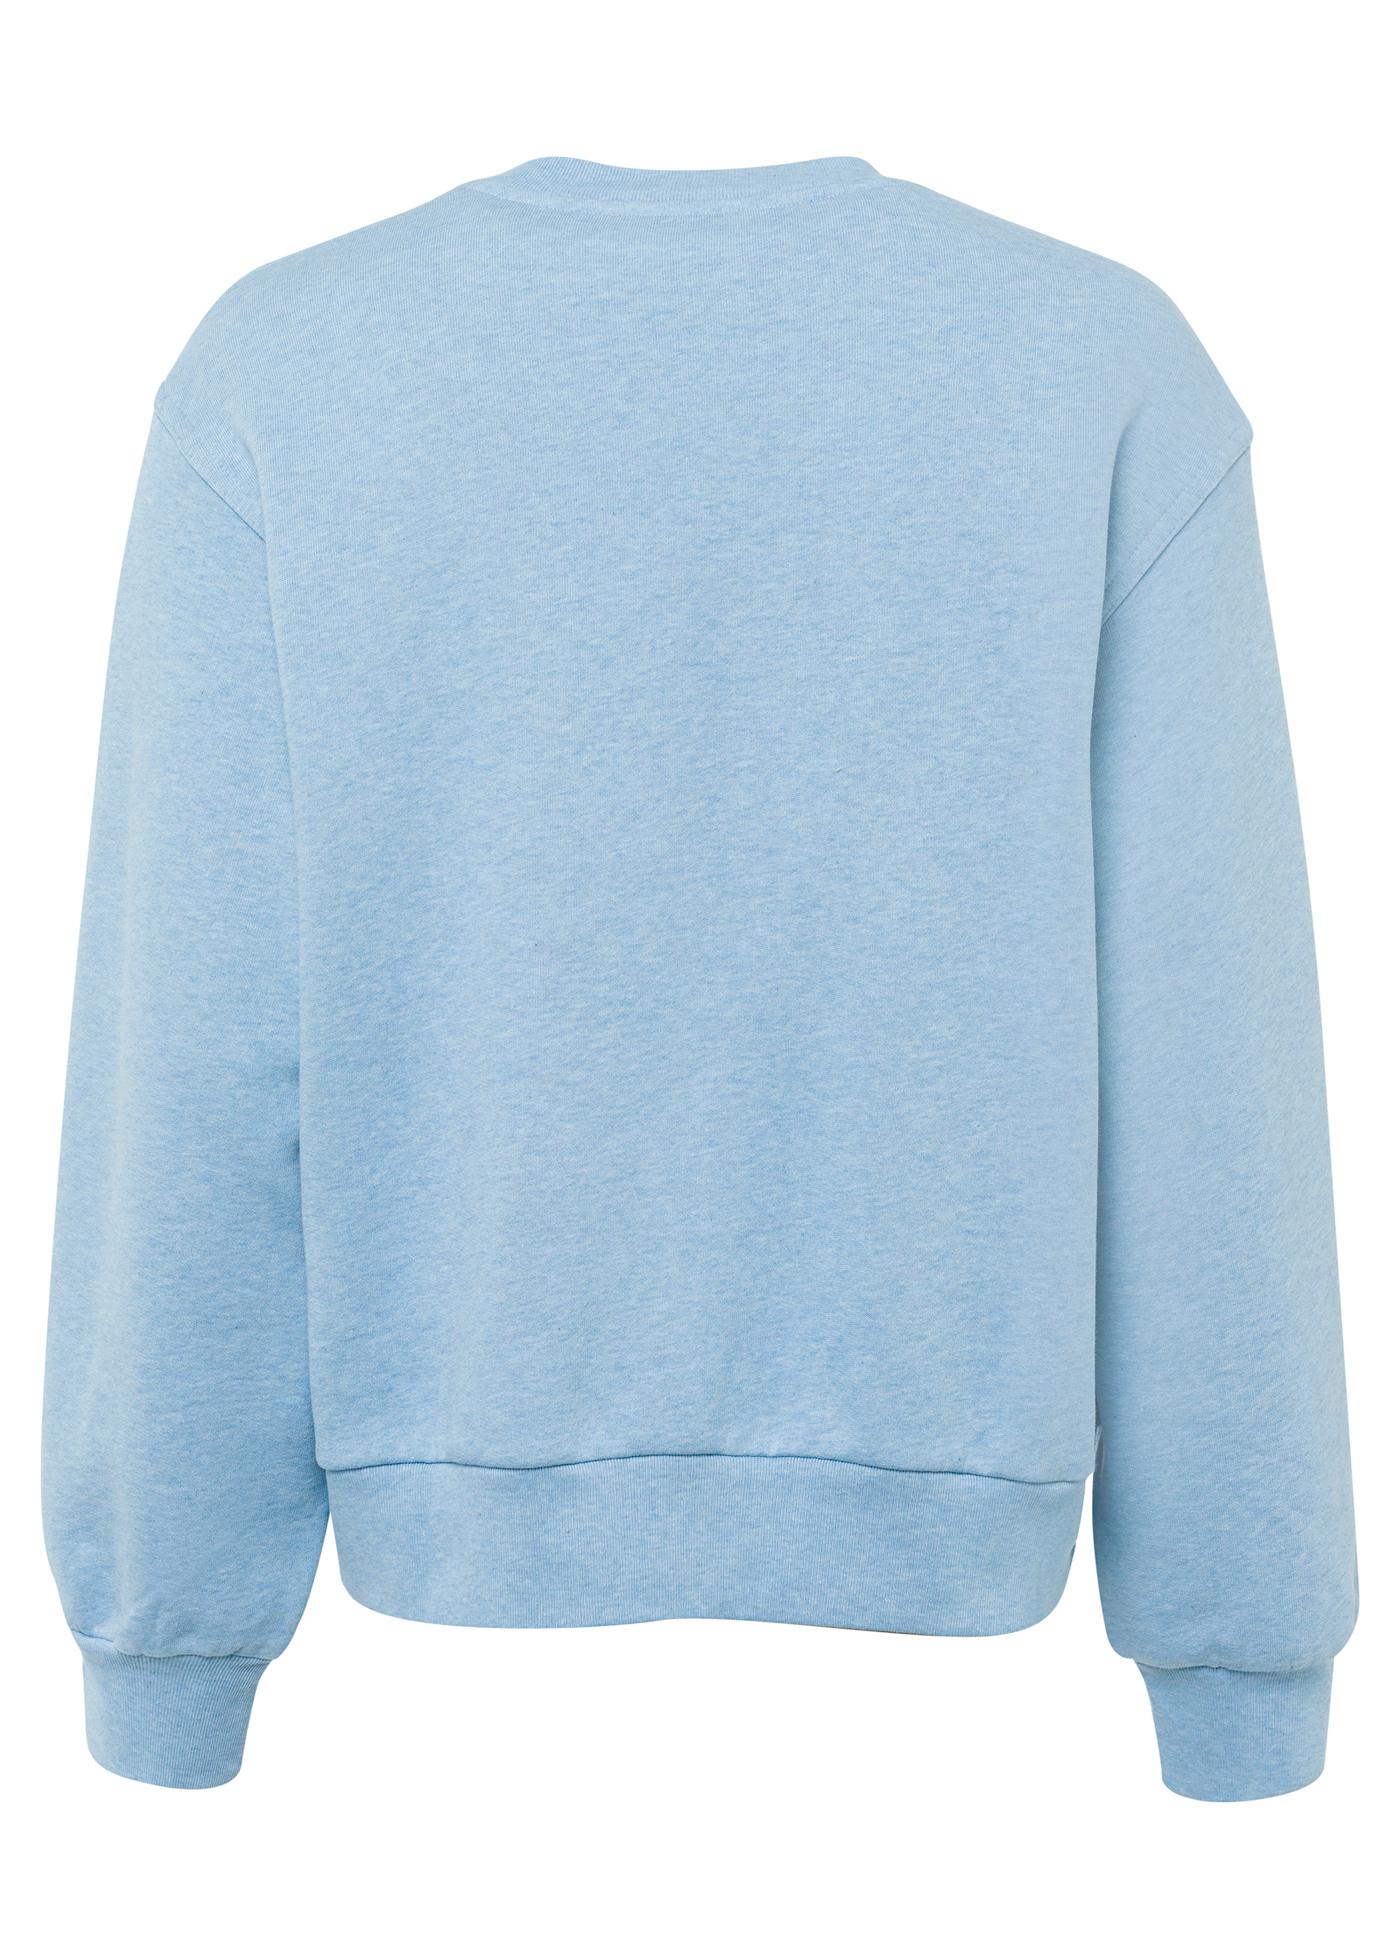 Stella Logo 2001 Sweatshirt image number 1